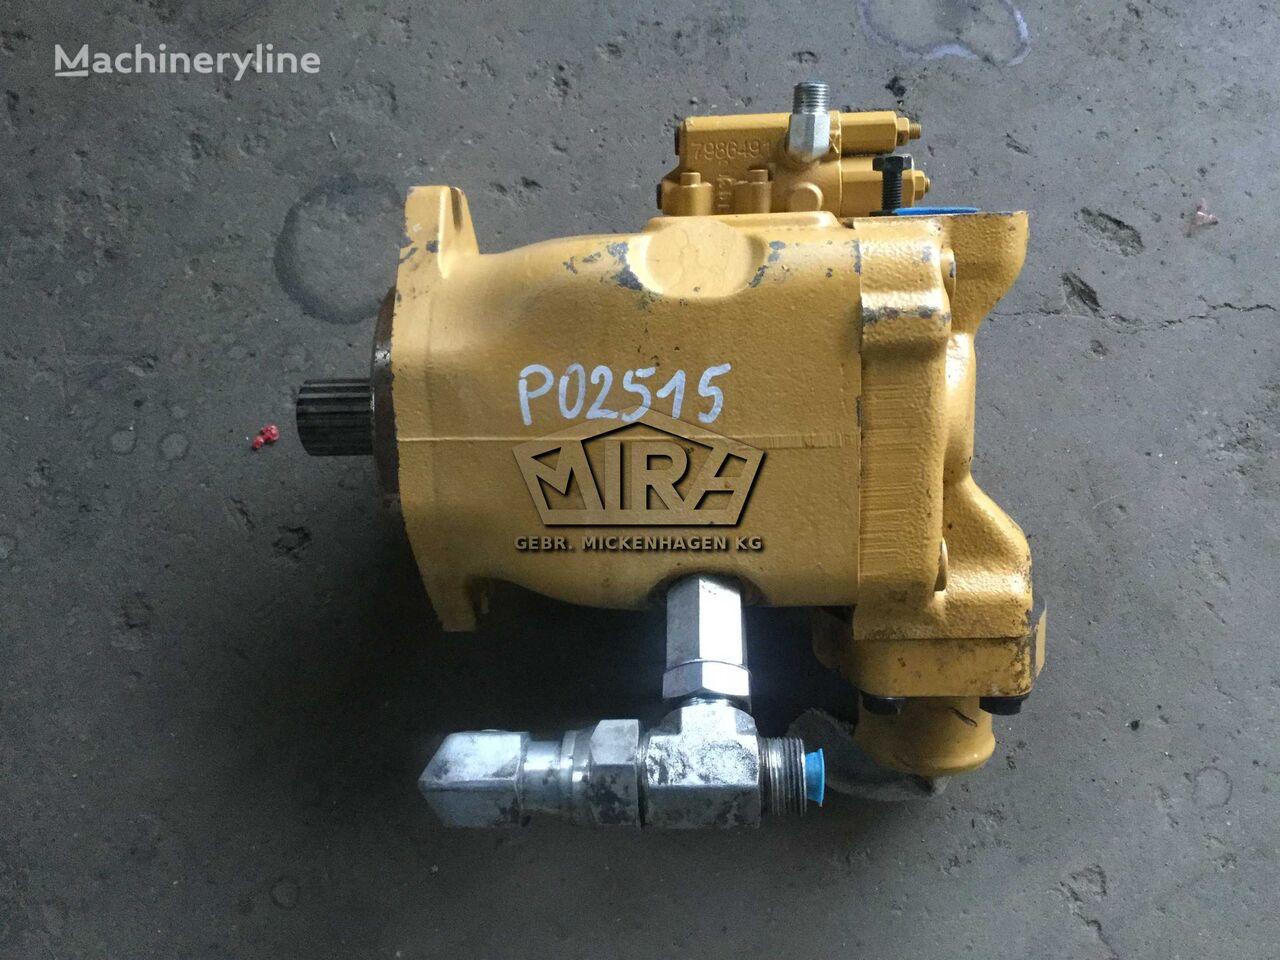 CATERPILLAR Lenkpumpe hydraulic pump for CATERPILLAR 980M wheel loader